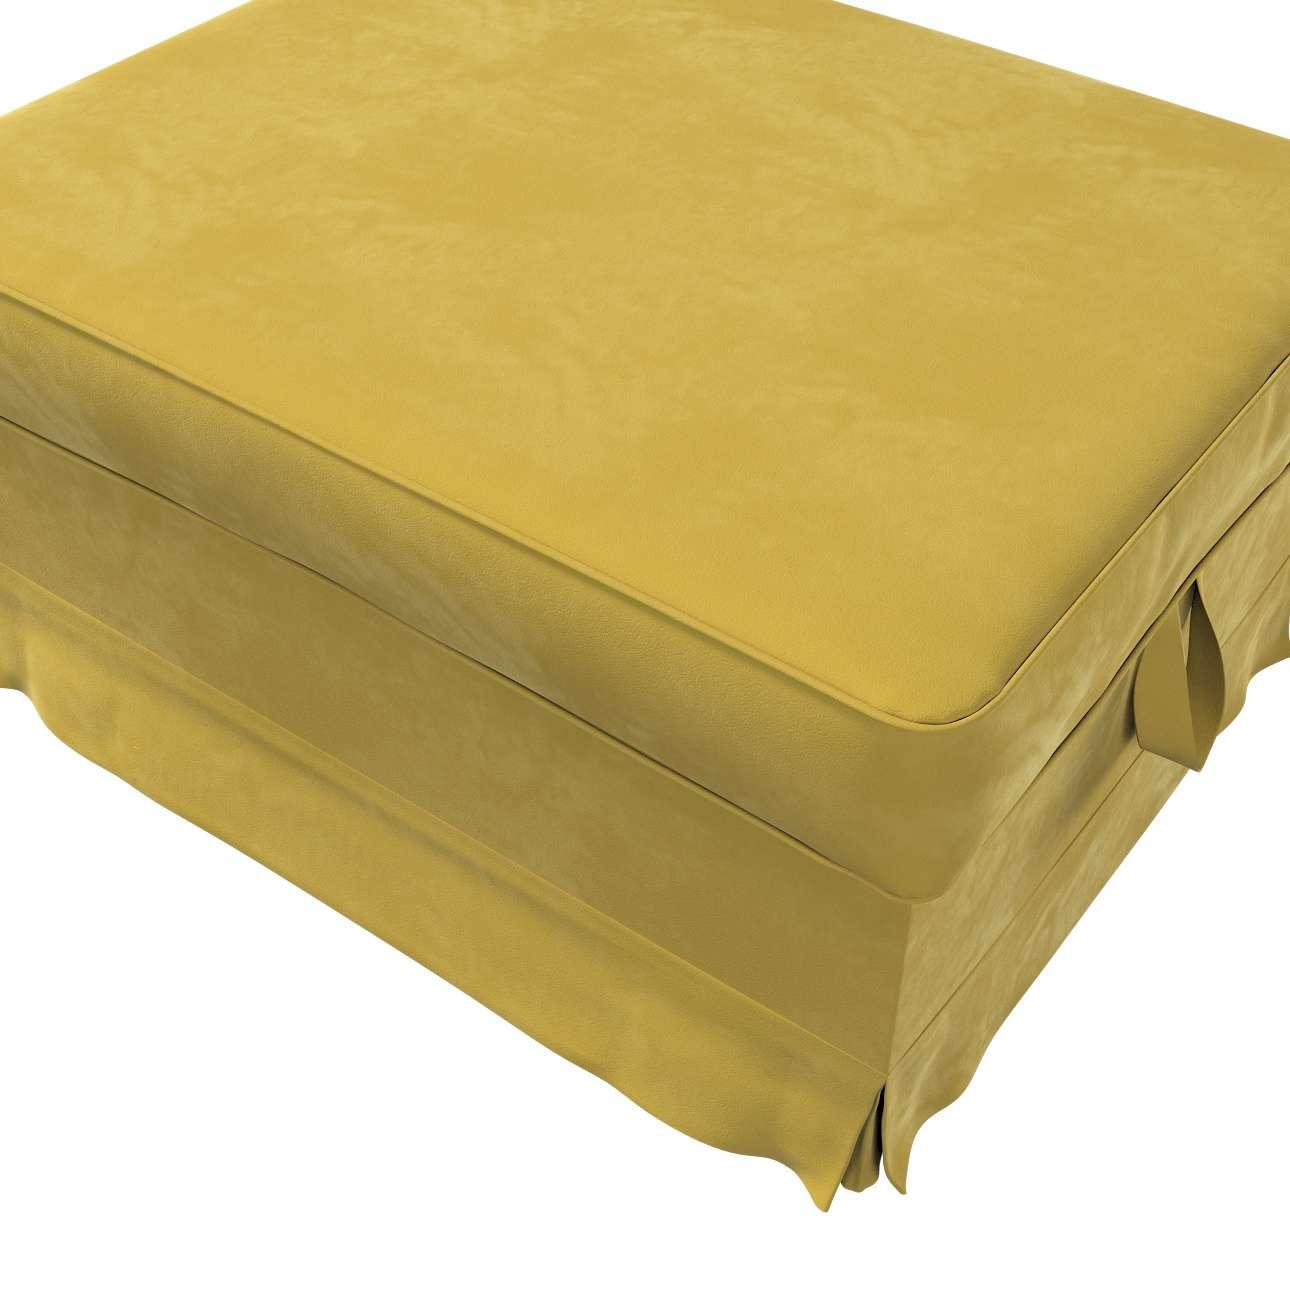 Pokrowiec na podnóżek Ektorp Bromma w kolekcji Velvet, tkanina: 704-27